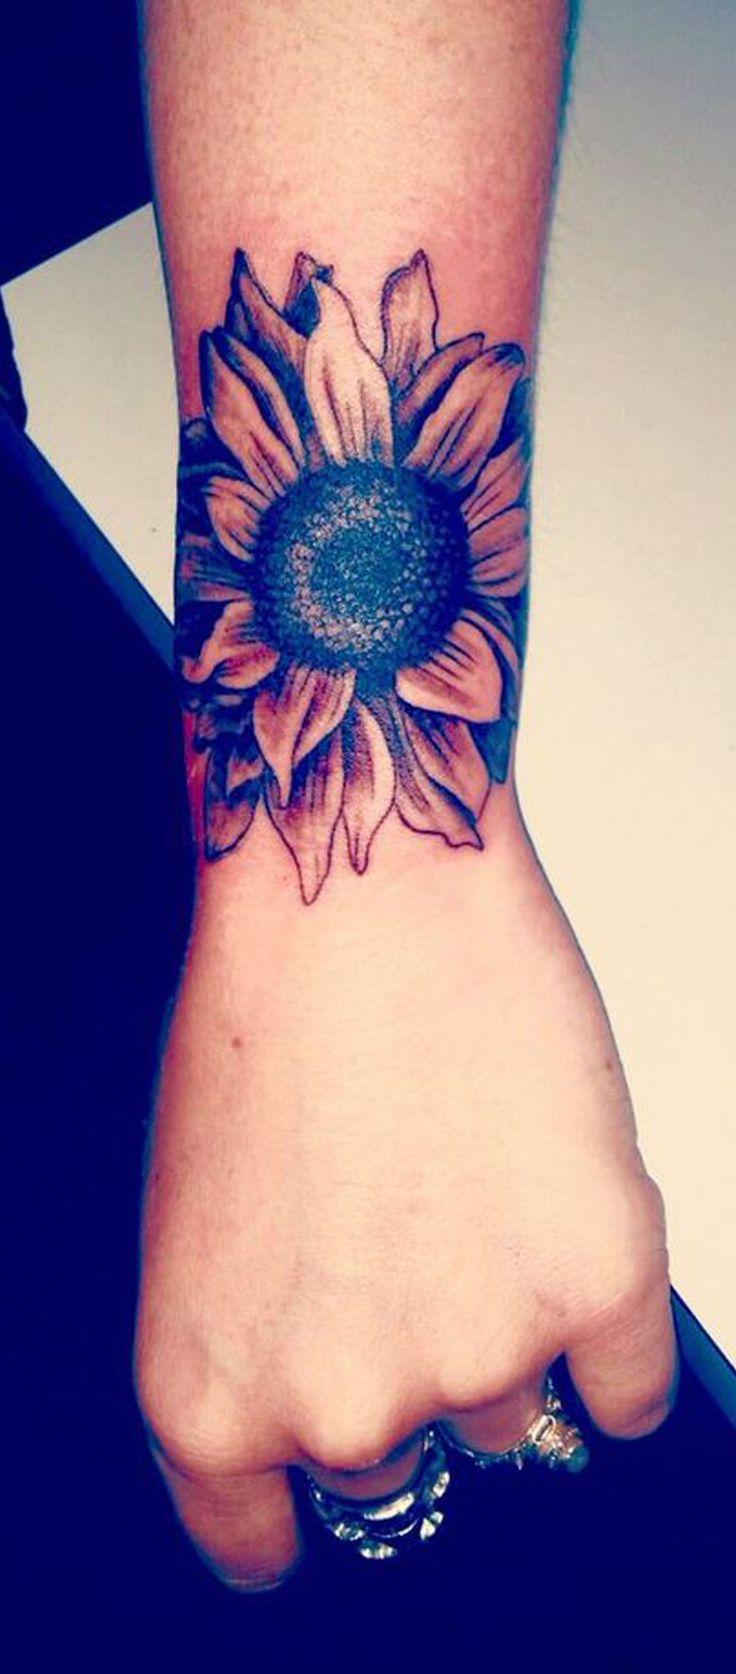 Sunflower Tattoo On Wrist: Cool Sunflower Arm Tattoo Ideas For Women